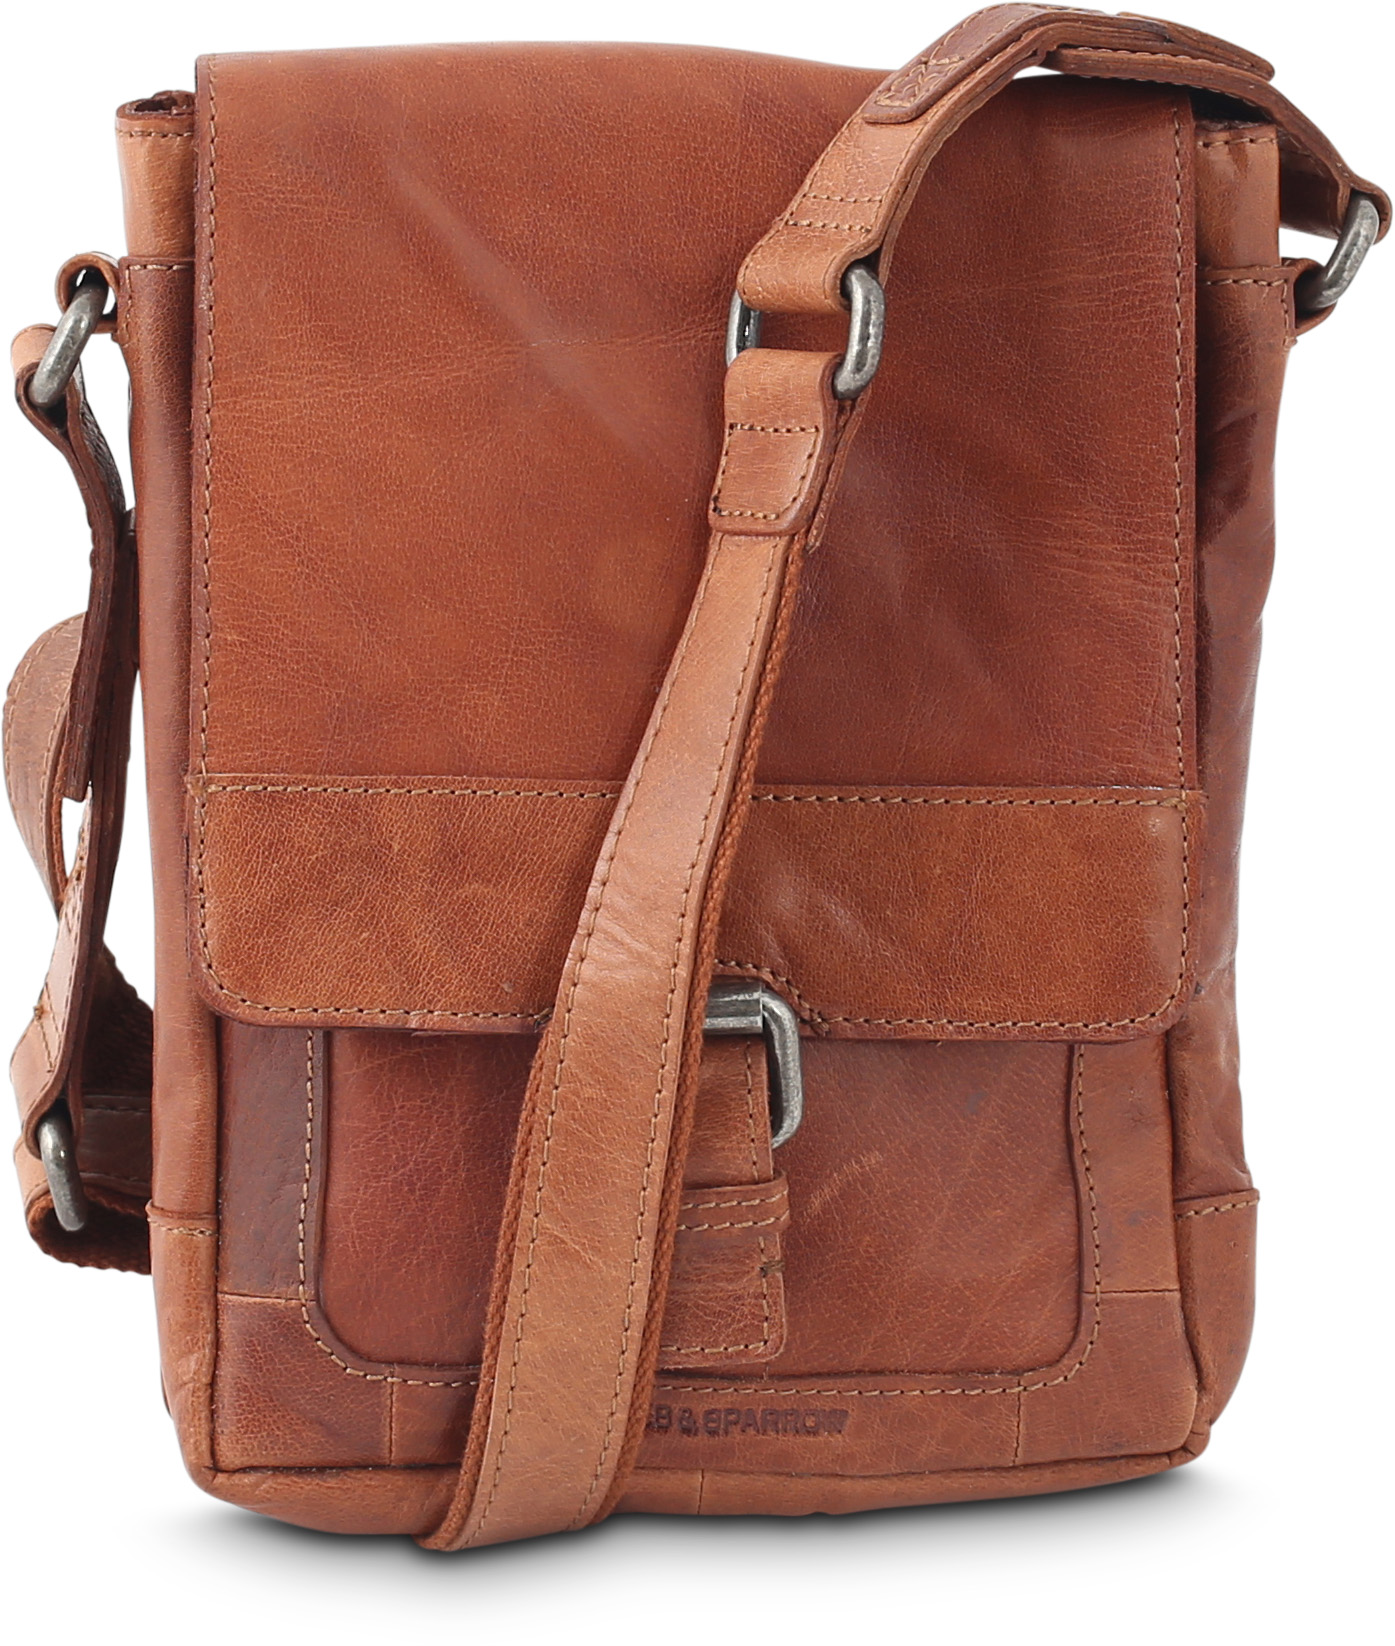 Väska 7723541